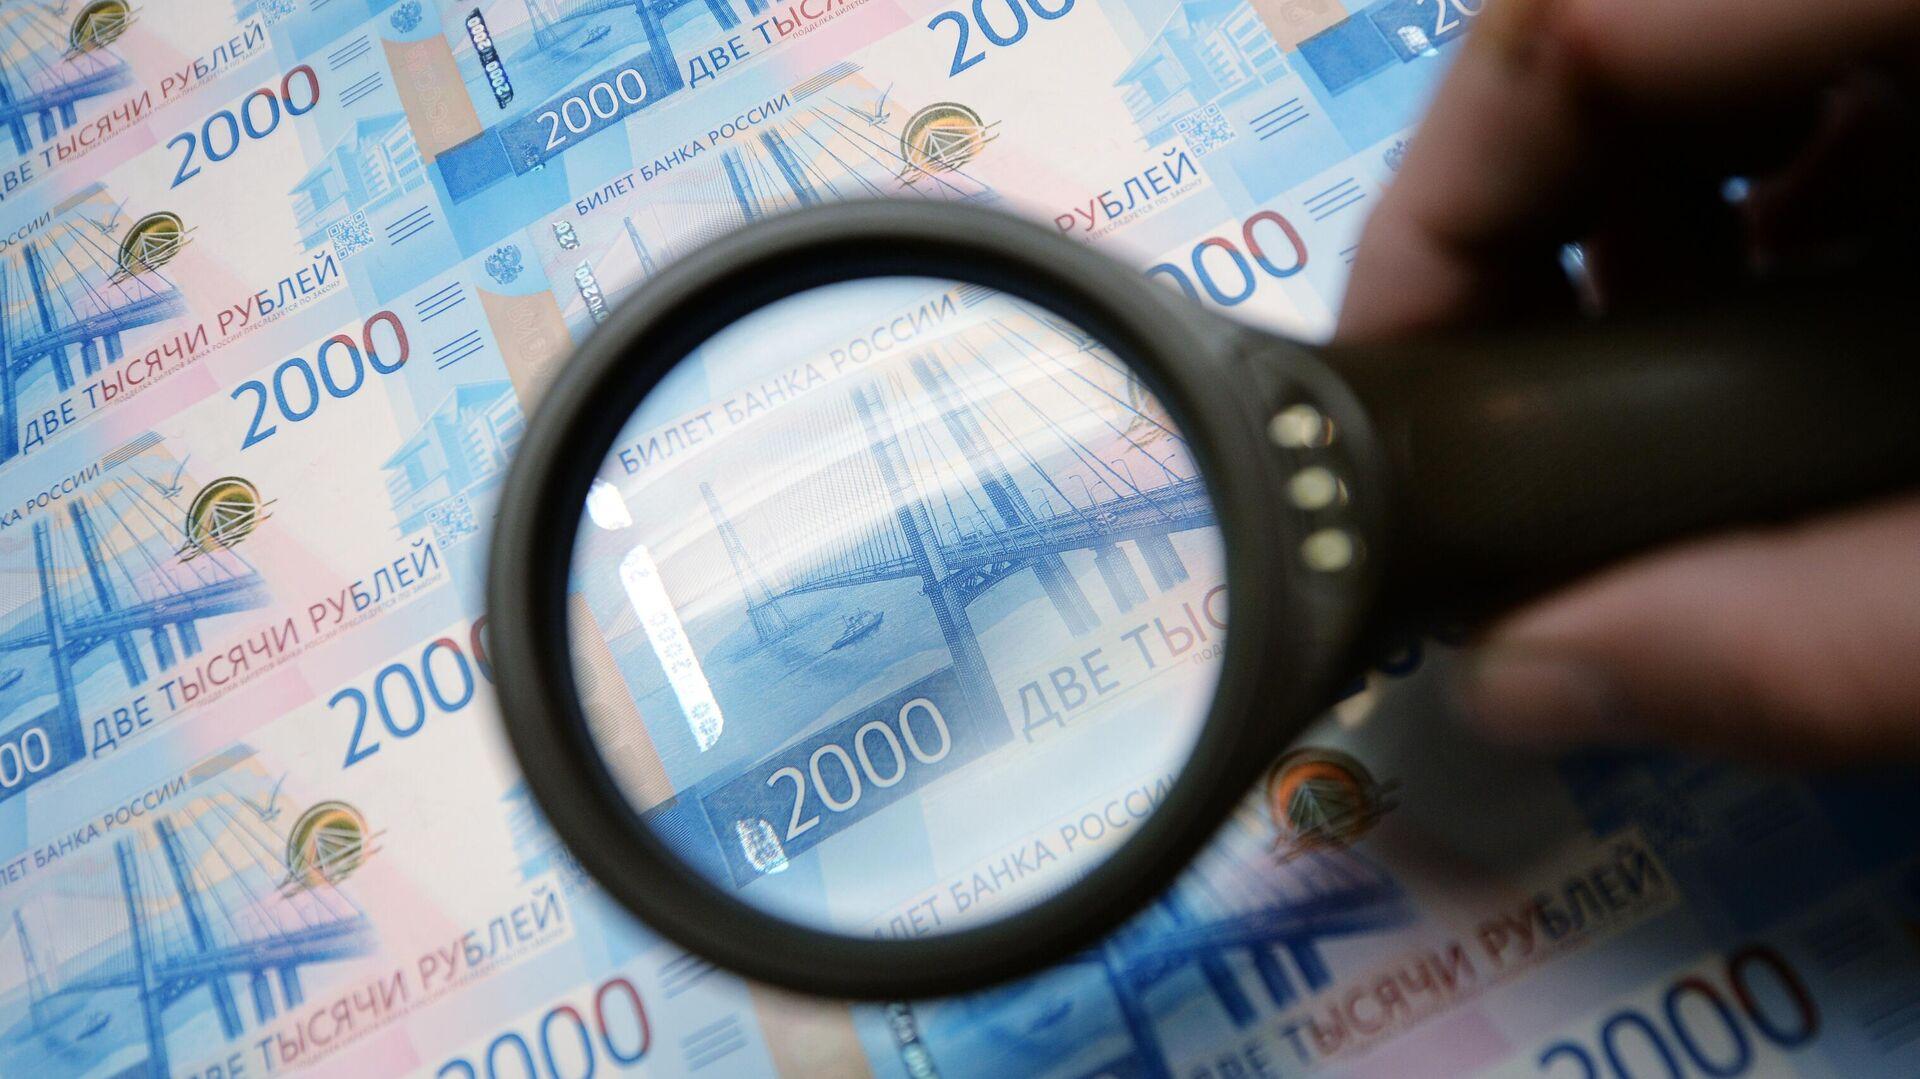 Листы с денежными купюрами номиналом 2000 рублей - РИА Новости, 1920, 06.11.2020